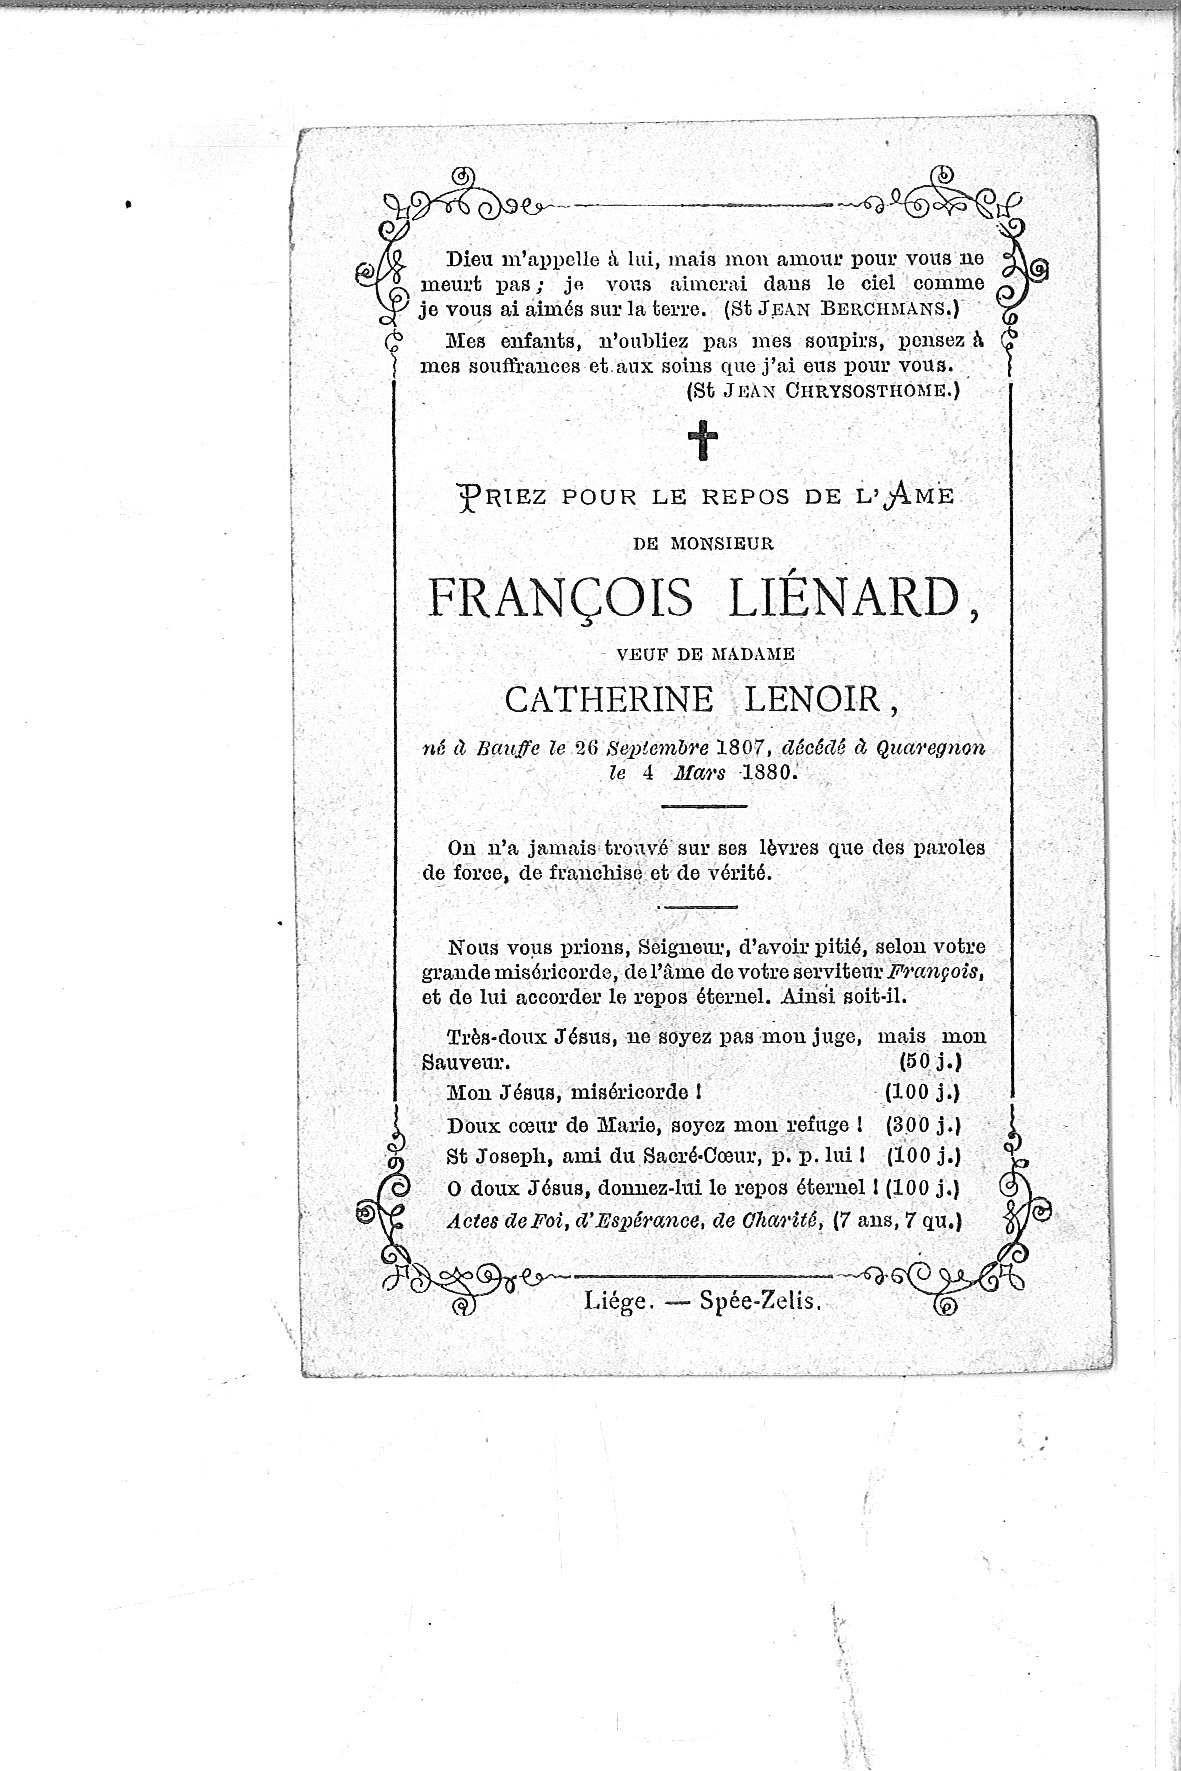 François(1880)20130718164819_00053.jpg